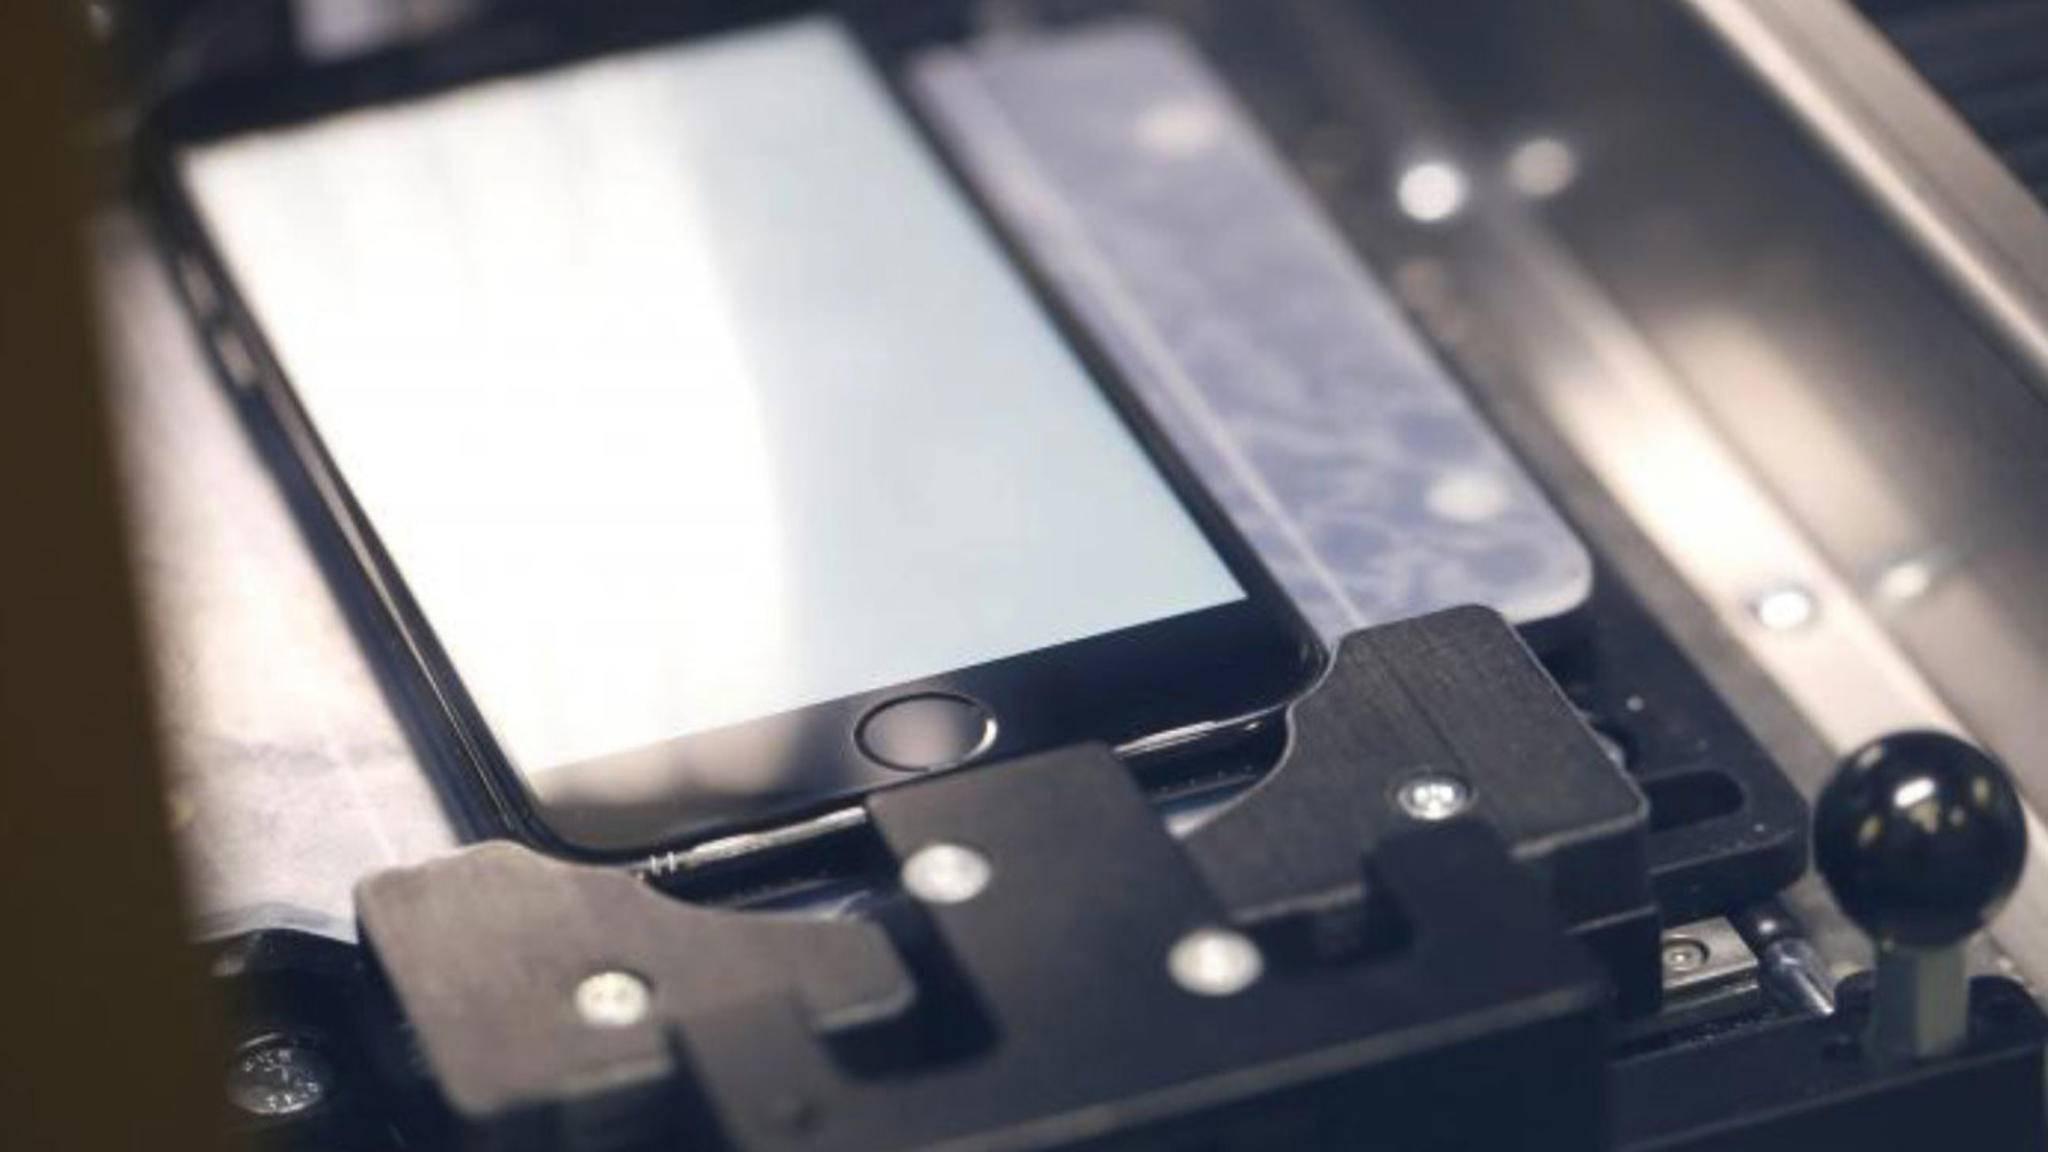 iPhone-Displays mit 3D Touch sollen künftig ohne Maschine kalibriert werden.